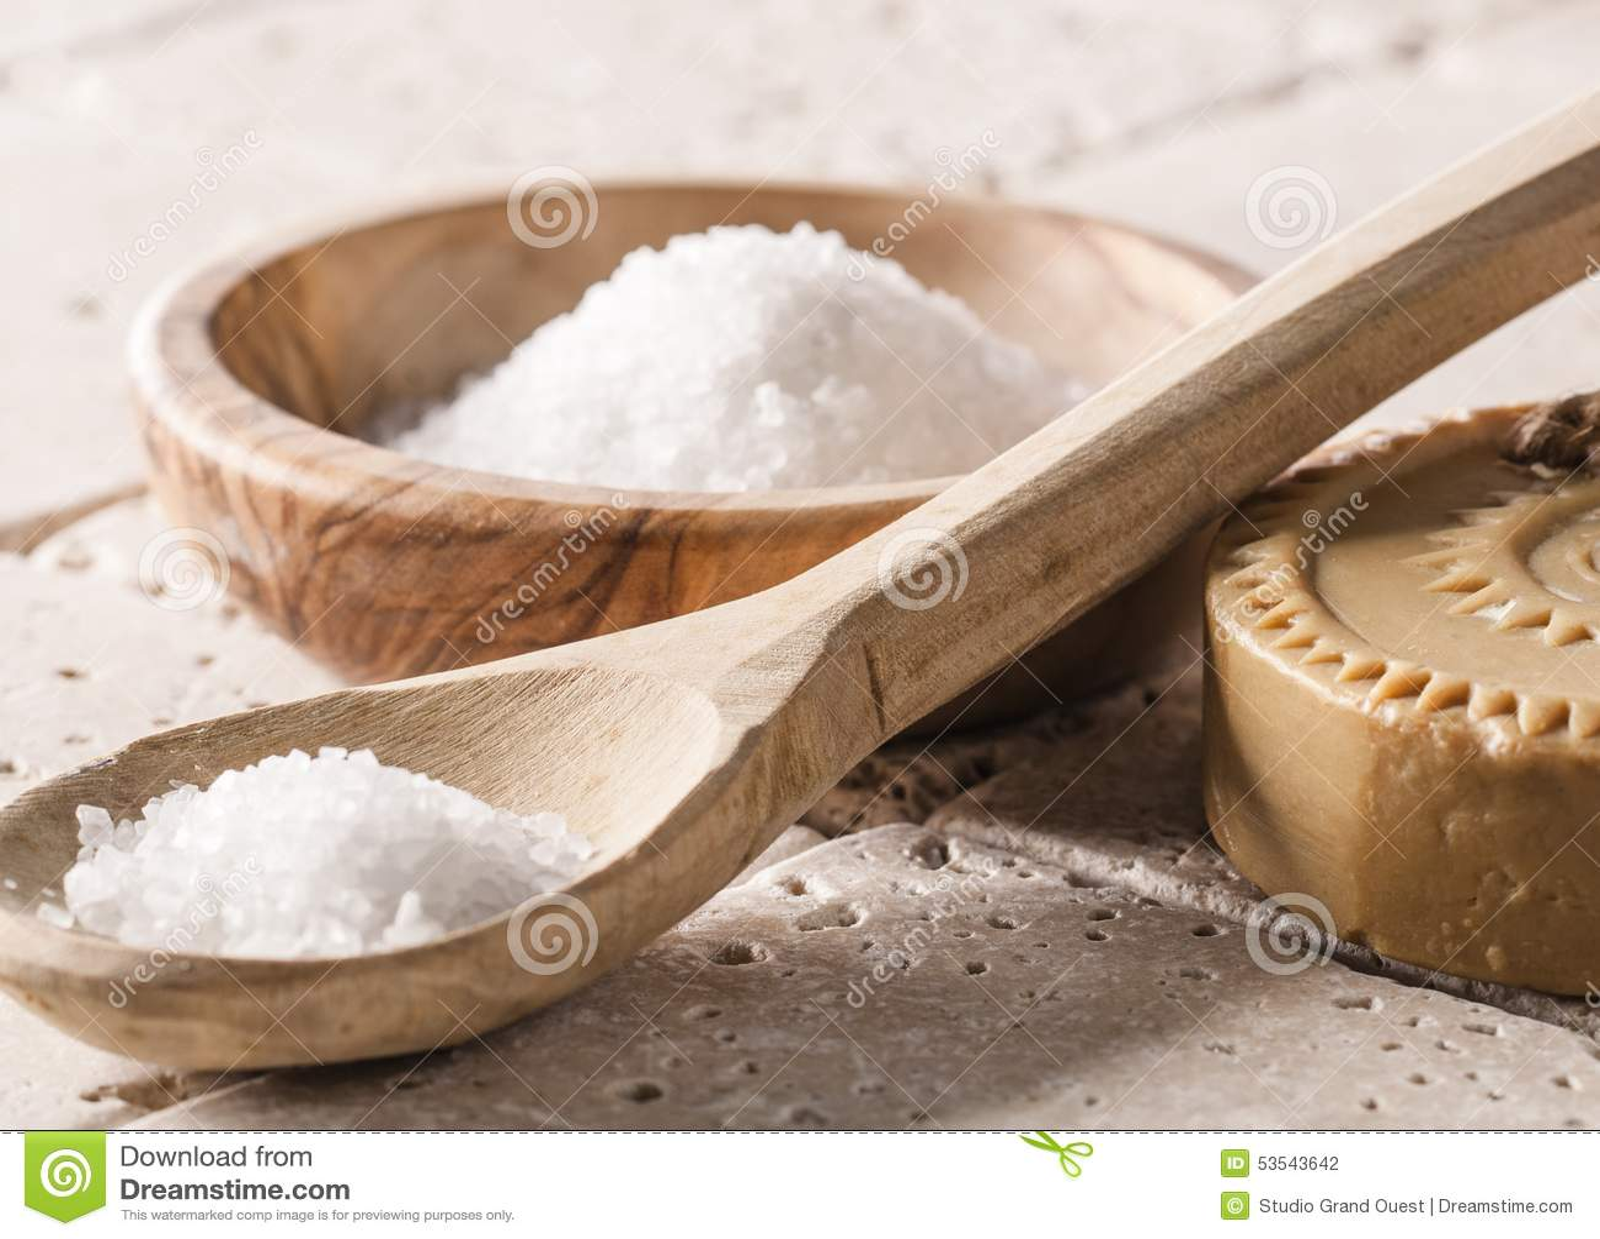 Tvätt upp och hydratisera hud för rogivande och avslappnande kropp